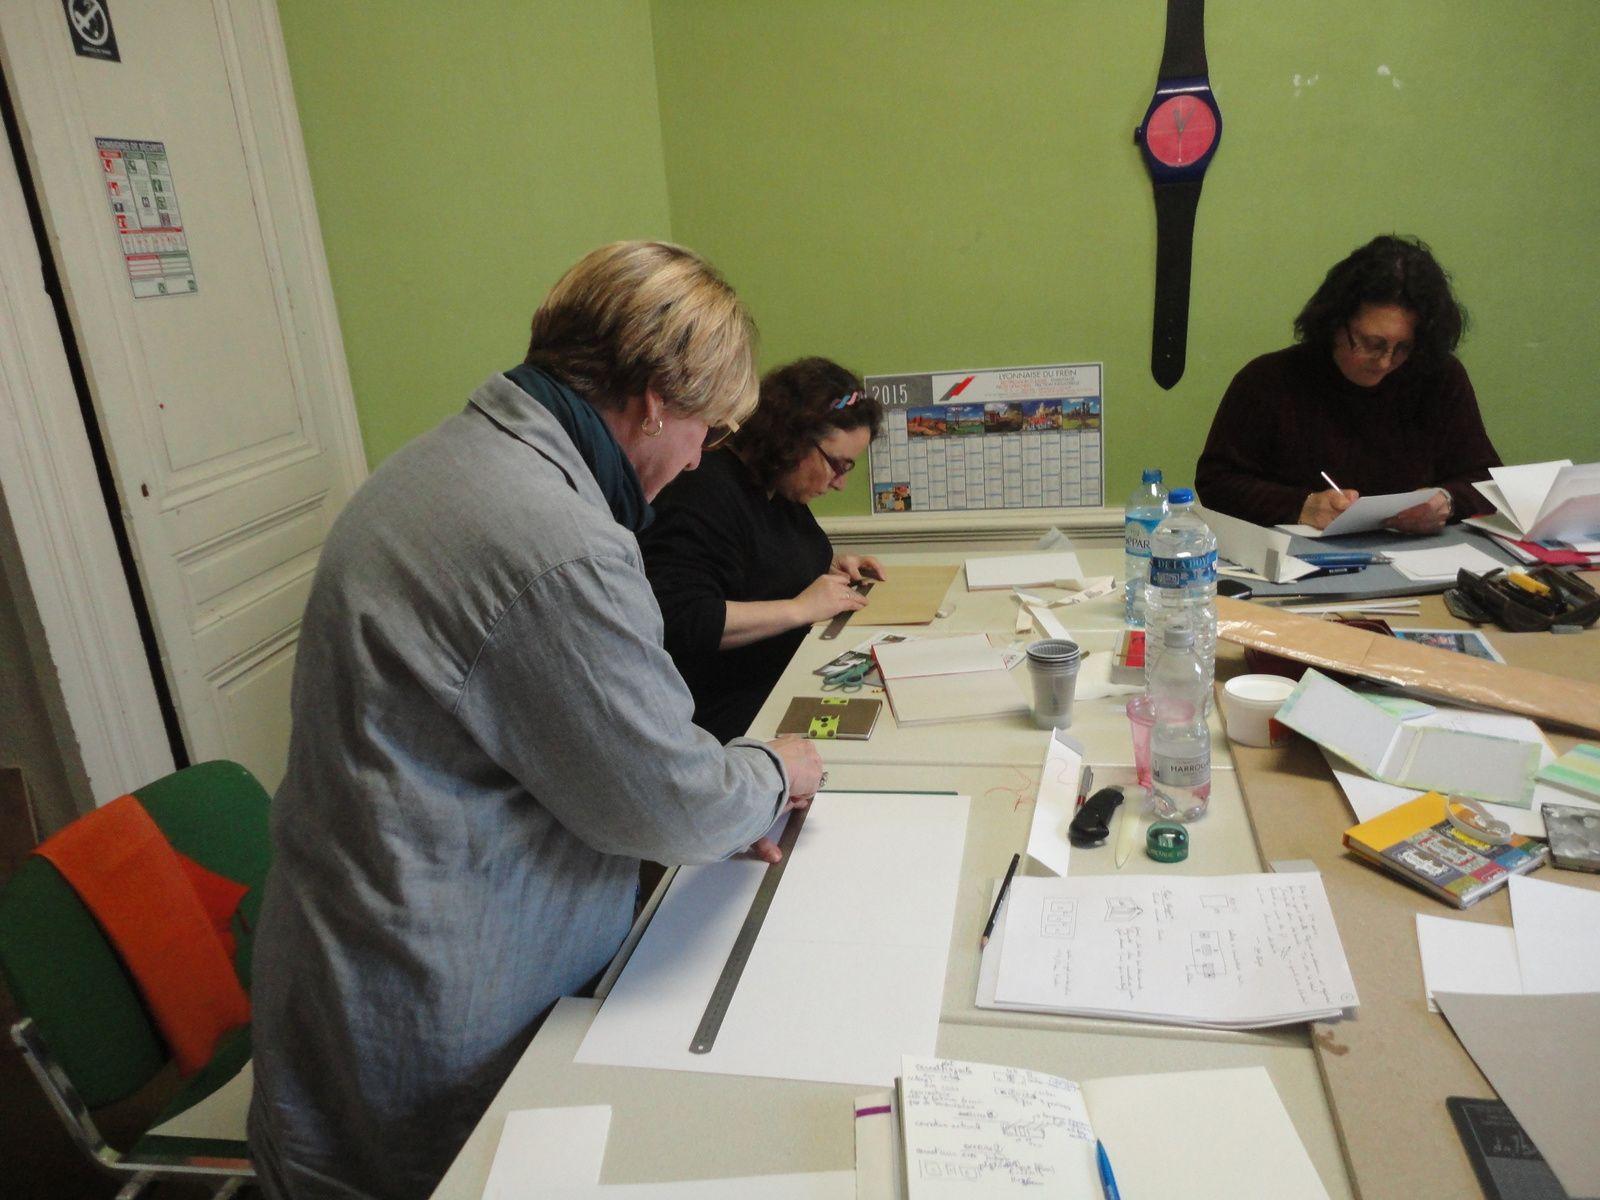 Atelier de fabrication de carnet de voyage à Lyon